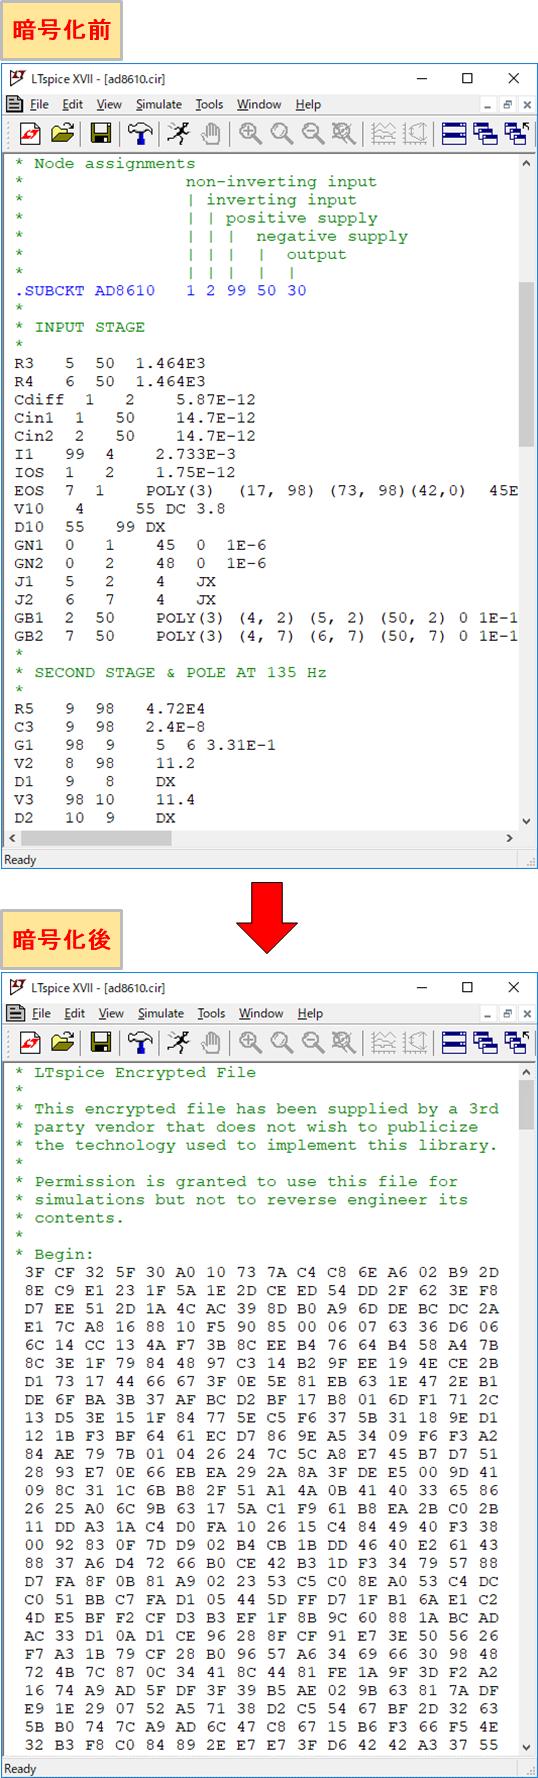 LTspice XVII SPICEモデル 暗号化前 暗号化後